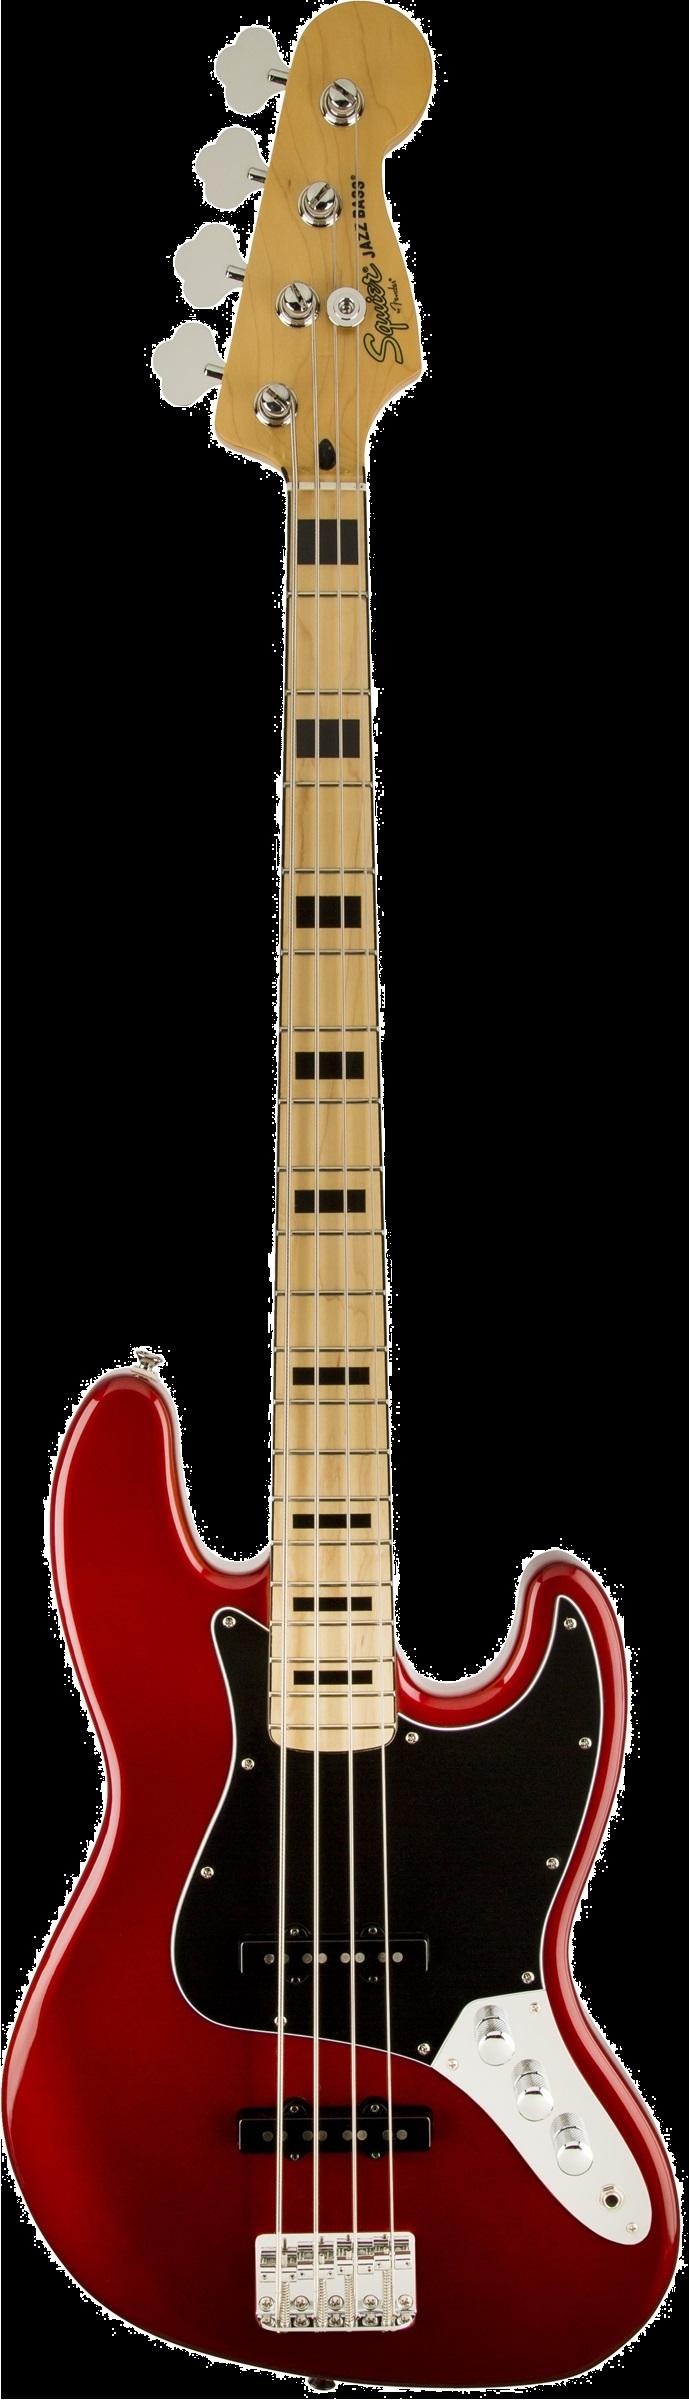 Squier by Fender - Quais baixos evitar? - Página 4 Jazz_b10